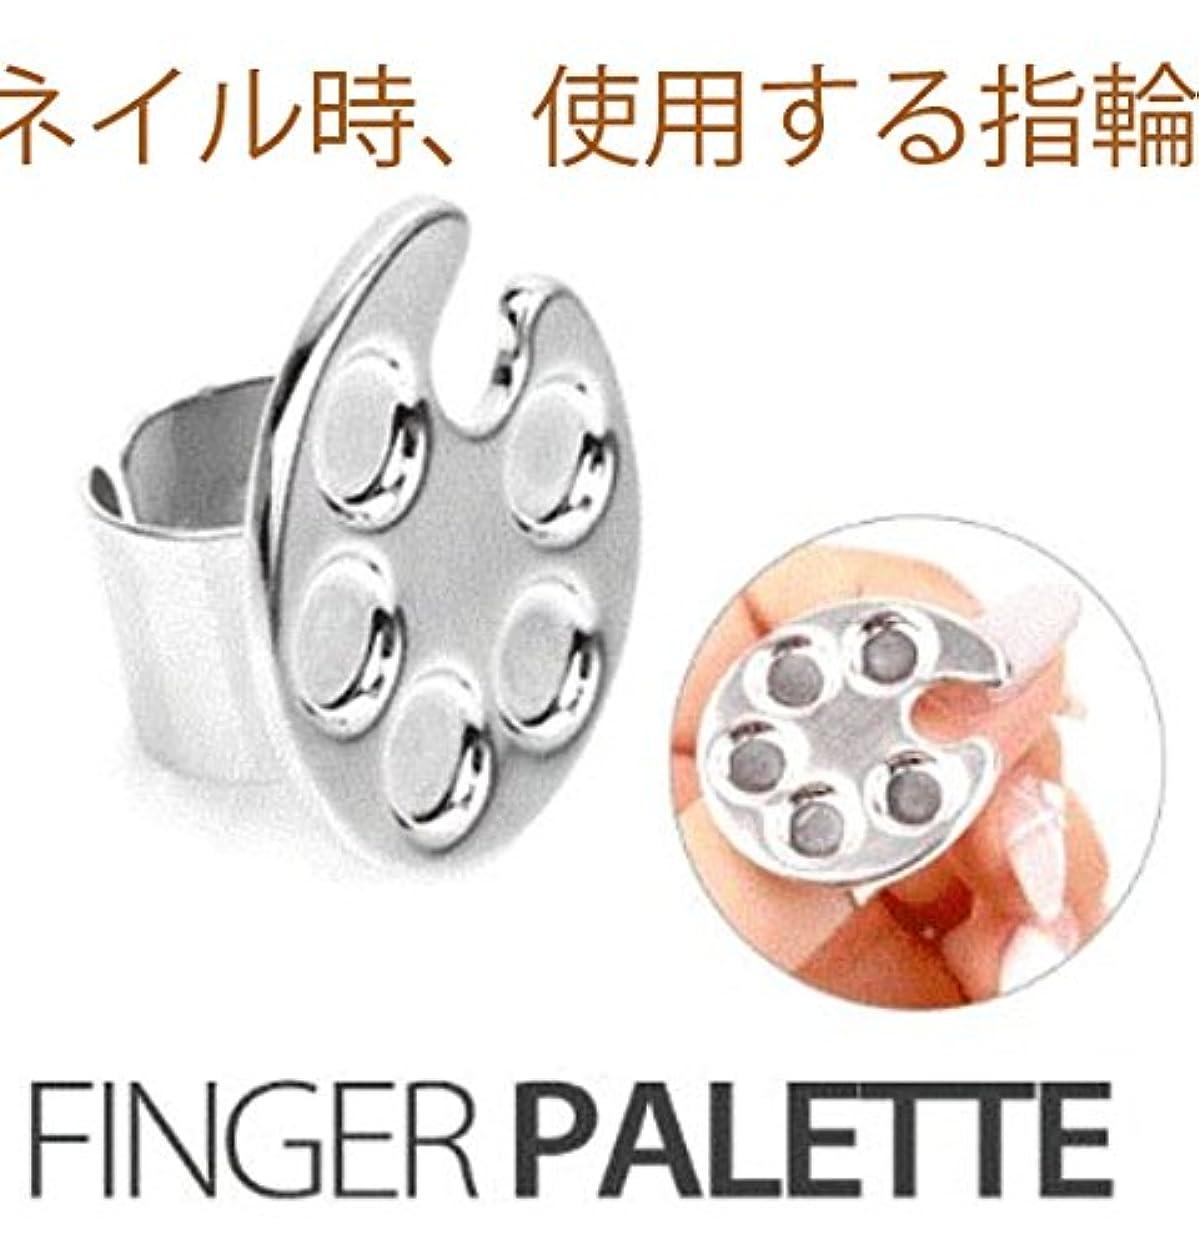 おんどり明るいティームネイルアートが楽になる、、ネイル時、使用する可愛いパレット指輪